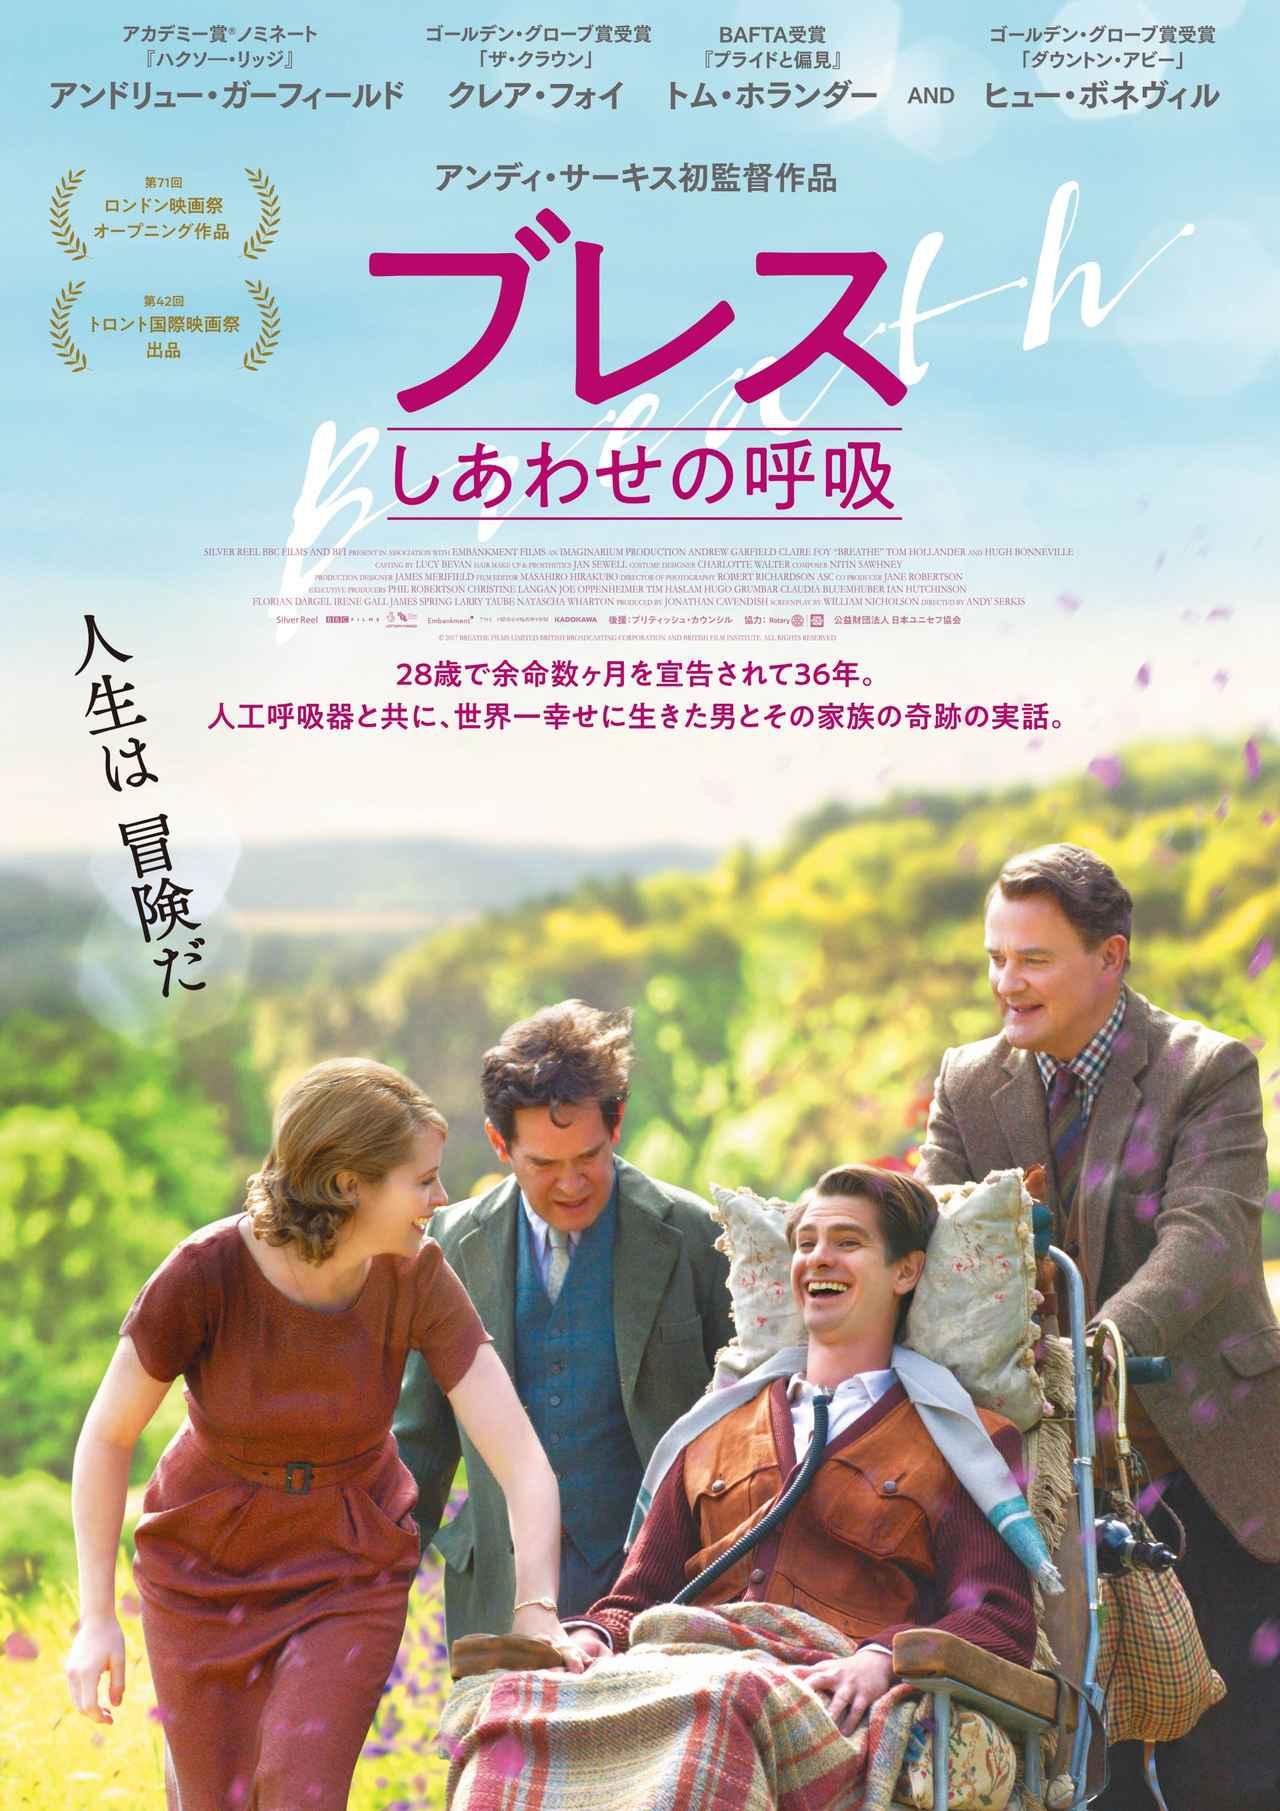 画像: <世界一幸せ>に生きた全身マヒの英国人と家族による感動の実話を映画化!『ブレス しあわせの呼吸』公開決定